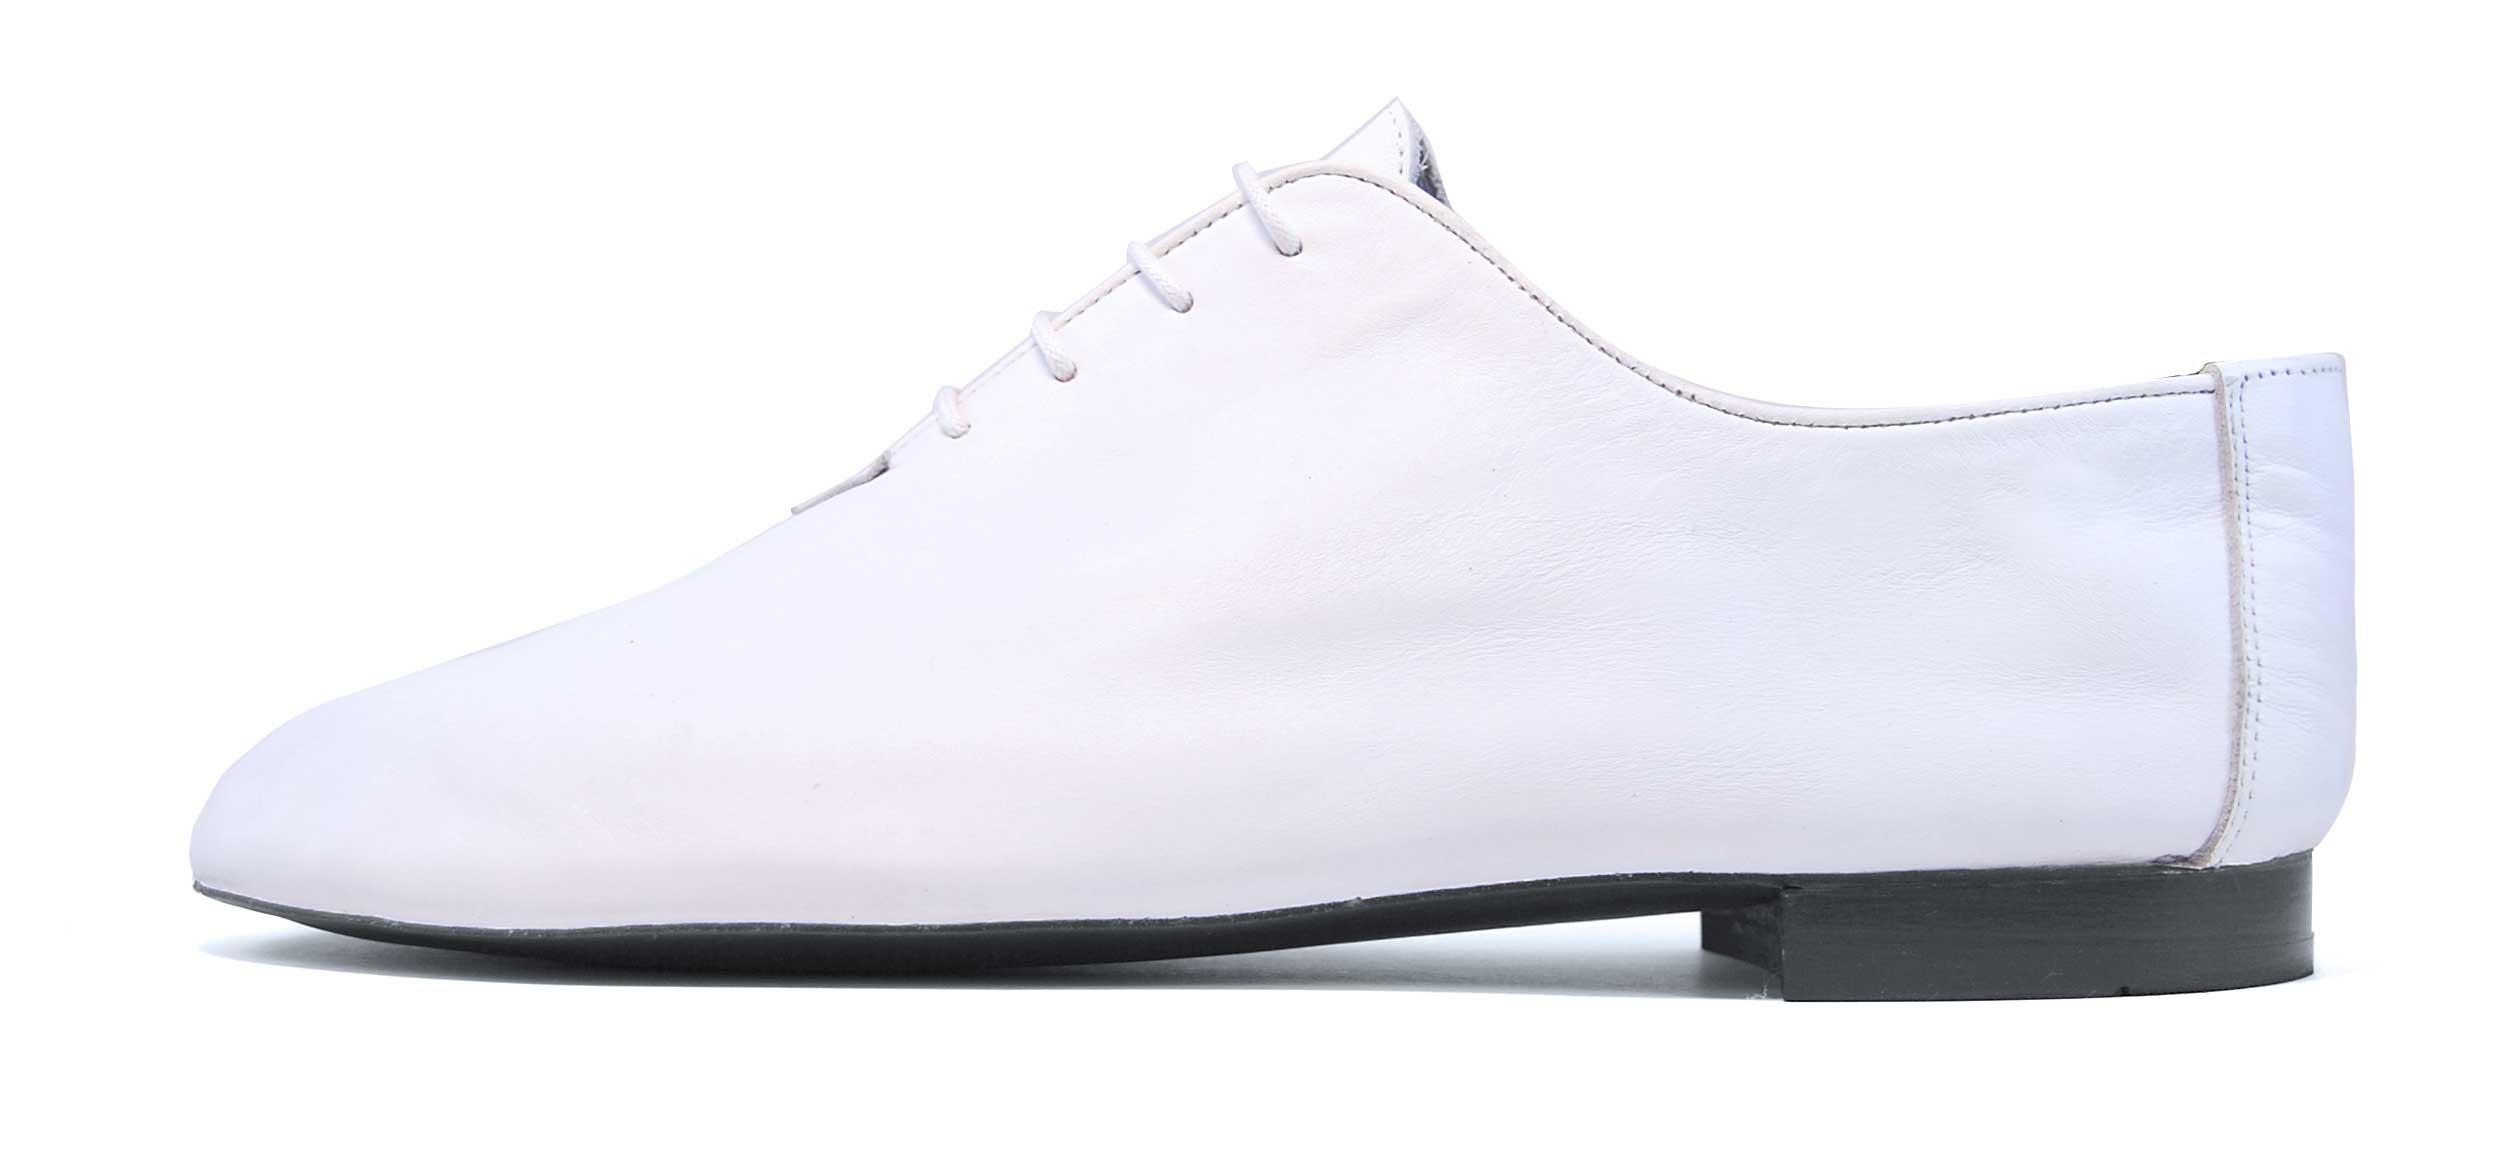 Foto 1 de Zapatos Julio Iglesias Cordon 529 Blanco Napa